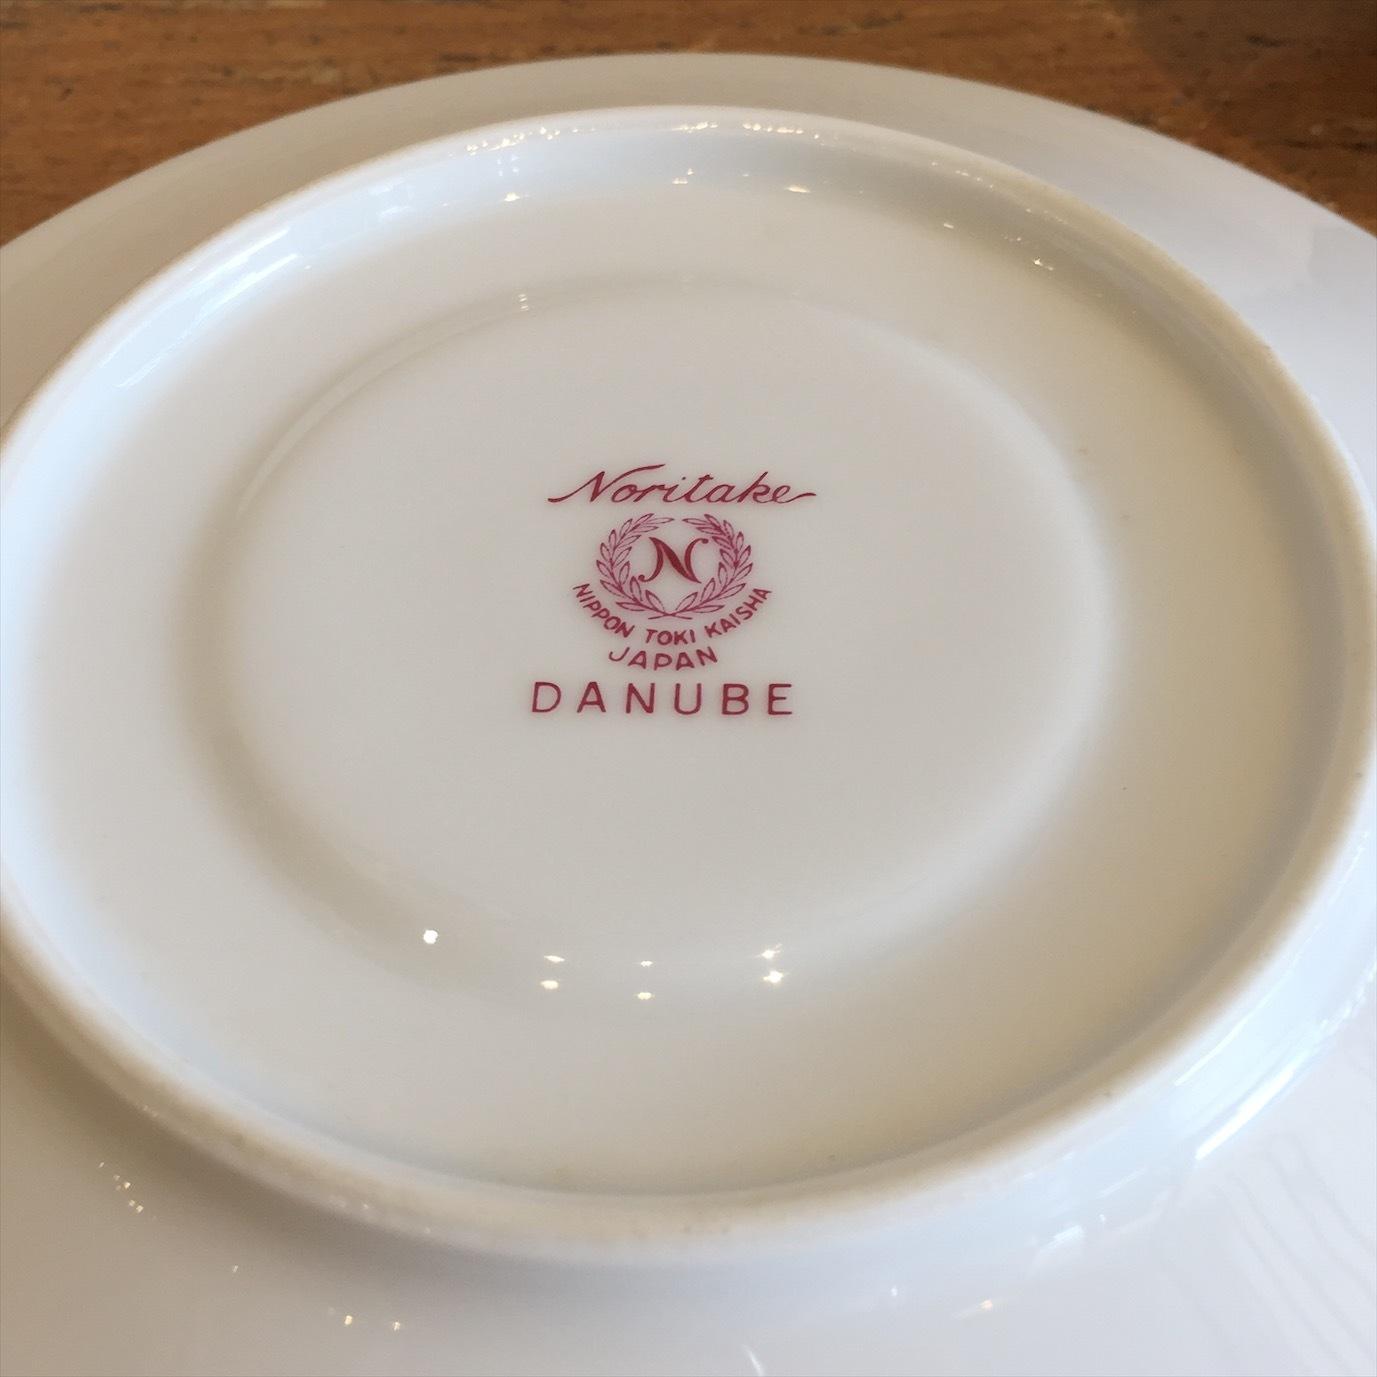 Noritake DANUBE スープカップ&ソーサー